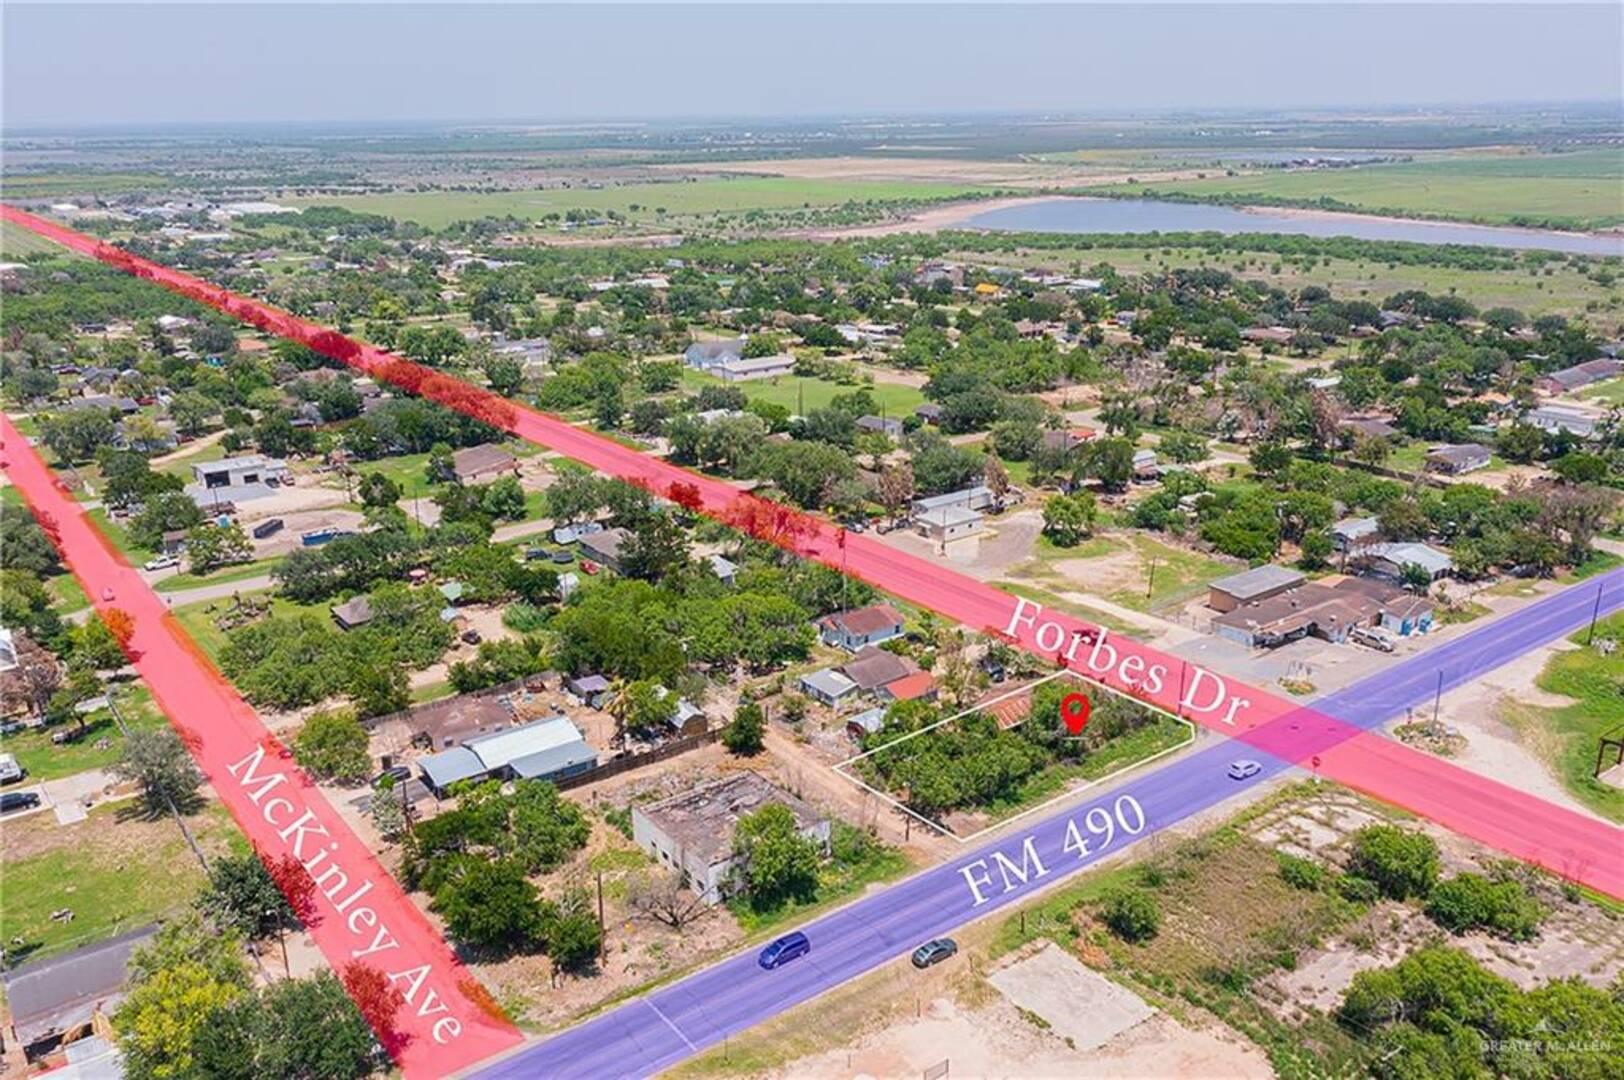 13220 FM 490 Street Hargill, TX 78549